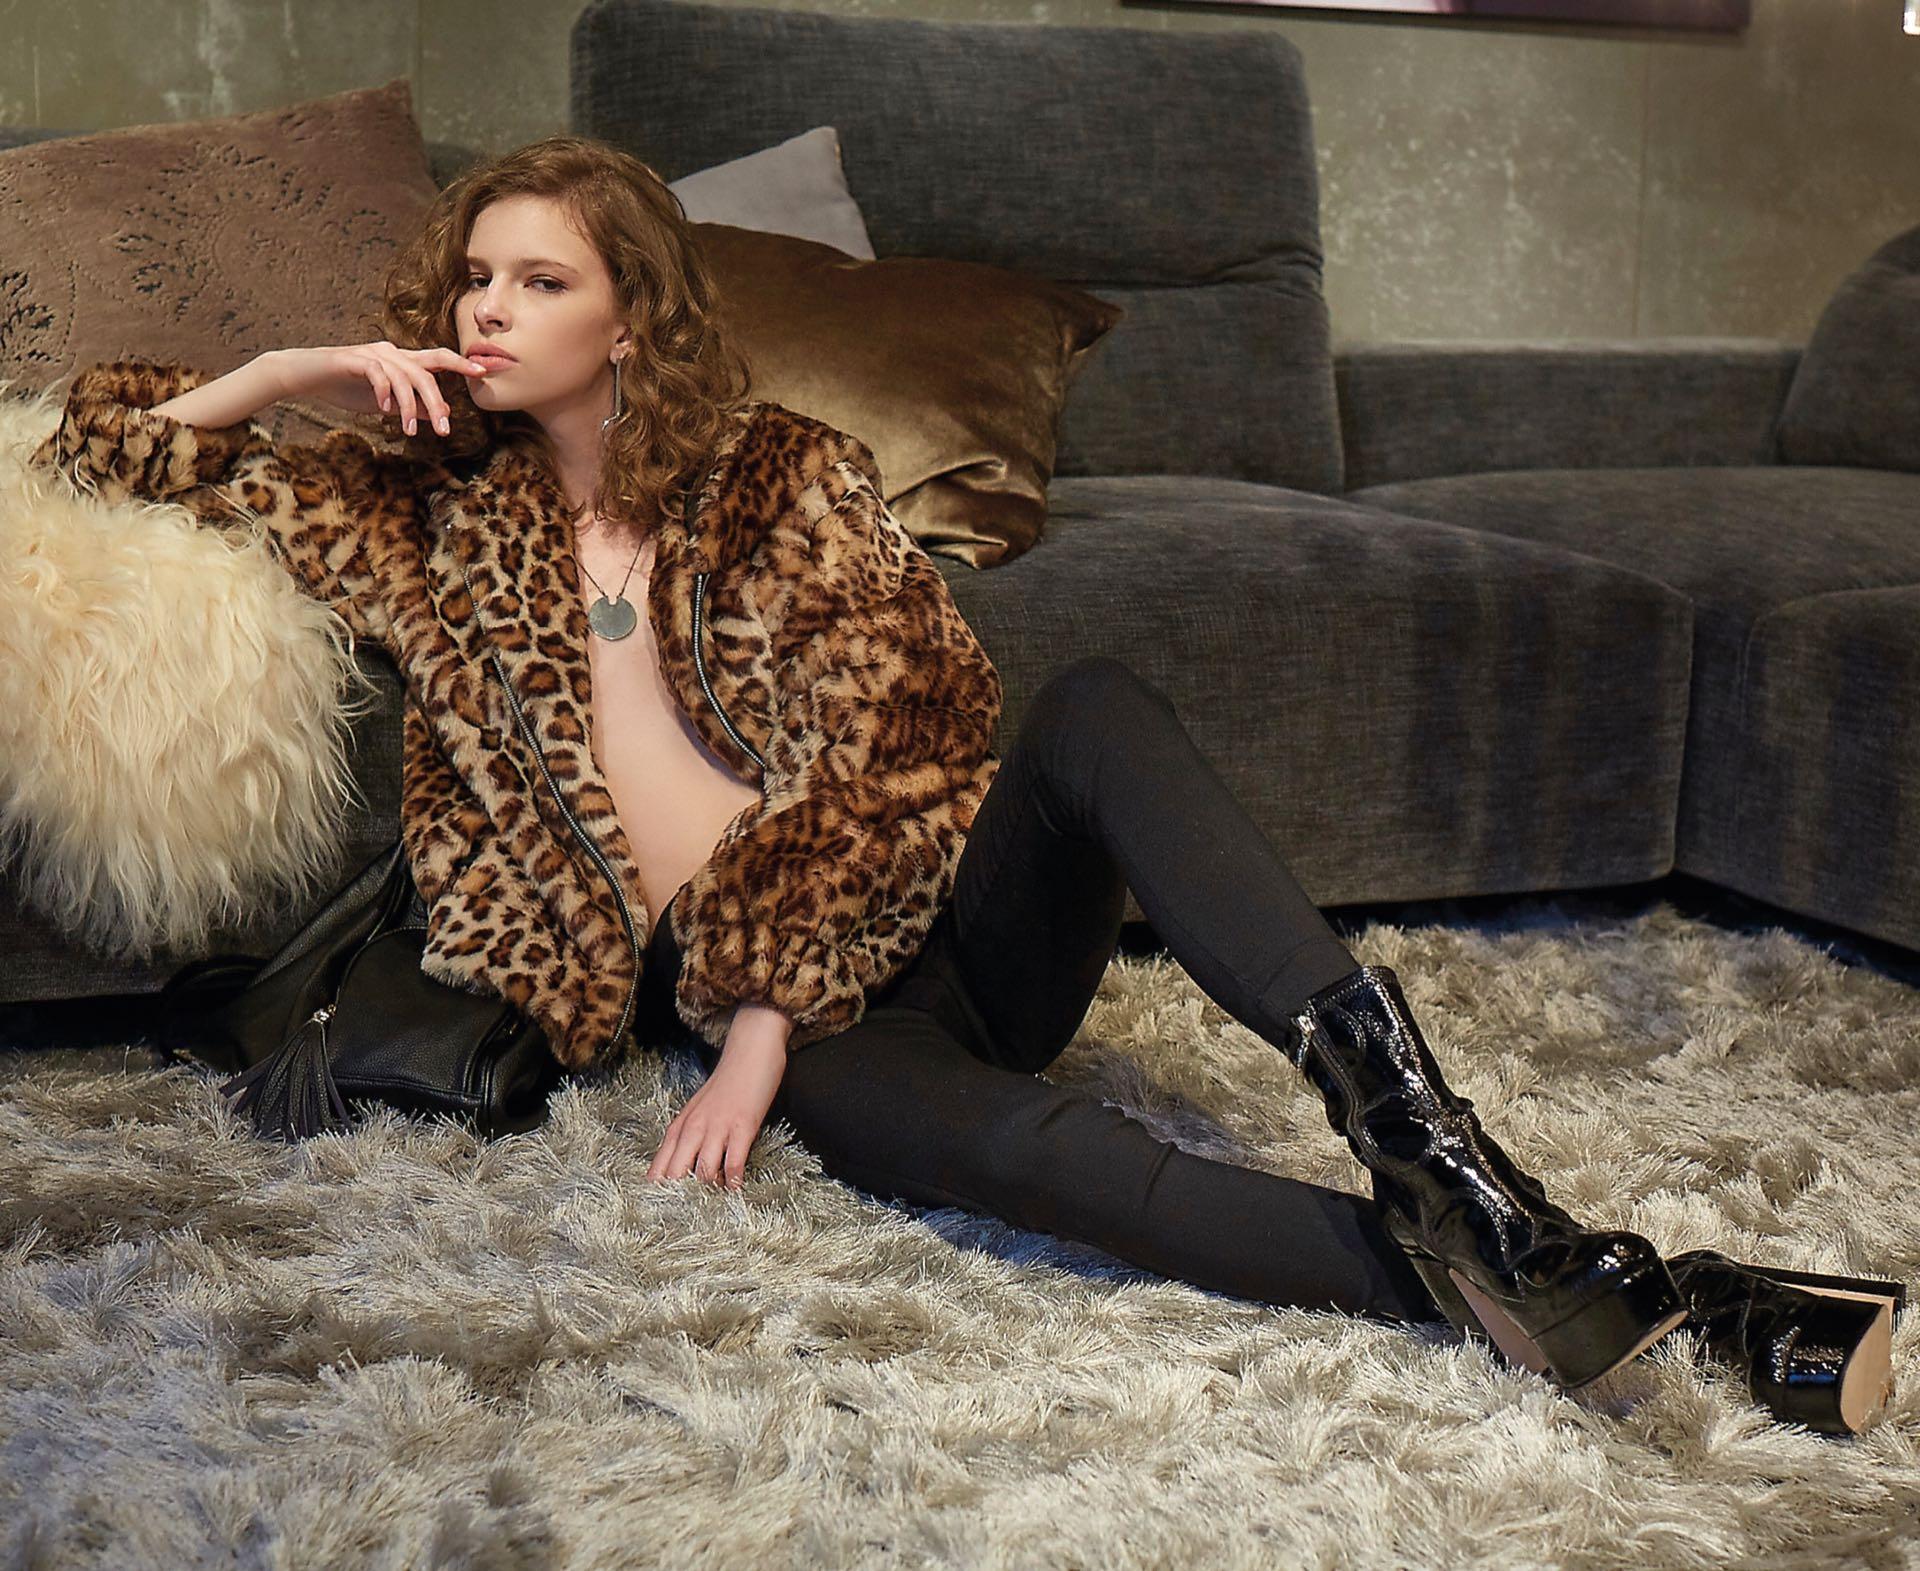 Chaqueta de leopardo con capucha (Cher), pantalón con cierre lateral ($ 645, Peuque), botas de charol con plataforma ($ 8.580, Saverio Di Ricci), mochila de cuero ($ 1.800), collar ($ 800, Vitamina) y aros (Uma).(Foto: Marcello Molinari/ Para Ti)